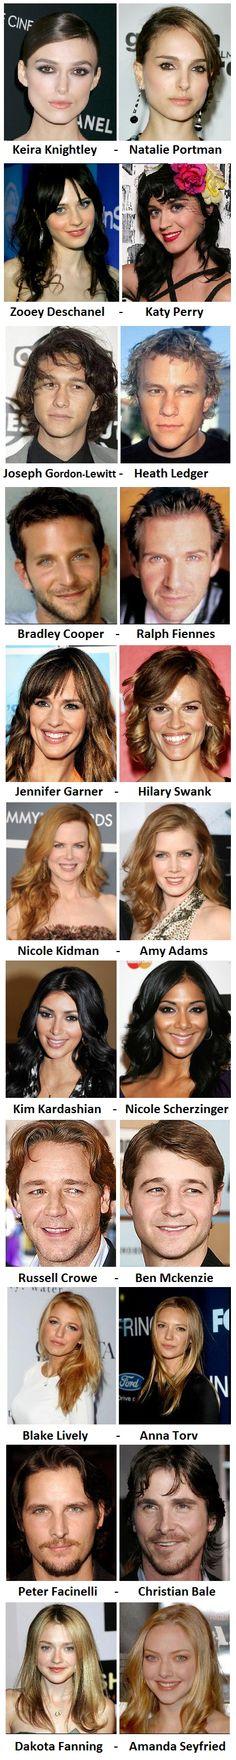 Celebrity doppelgangers. | GBCN